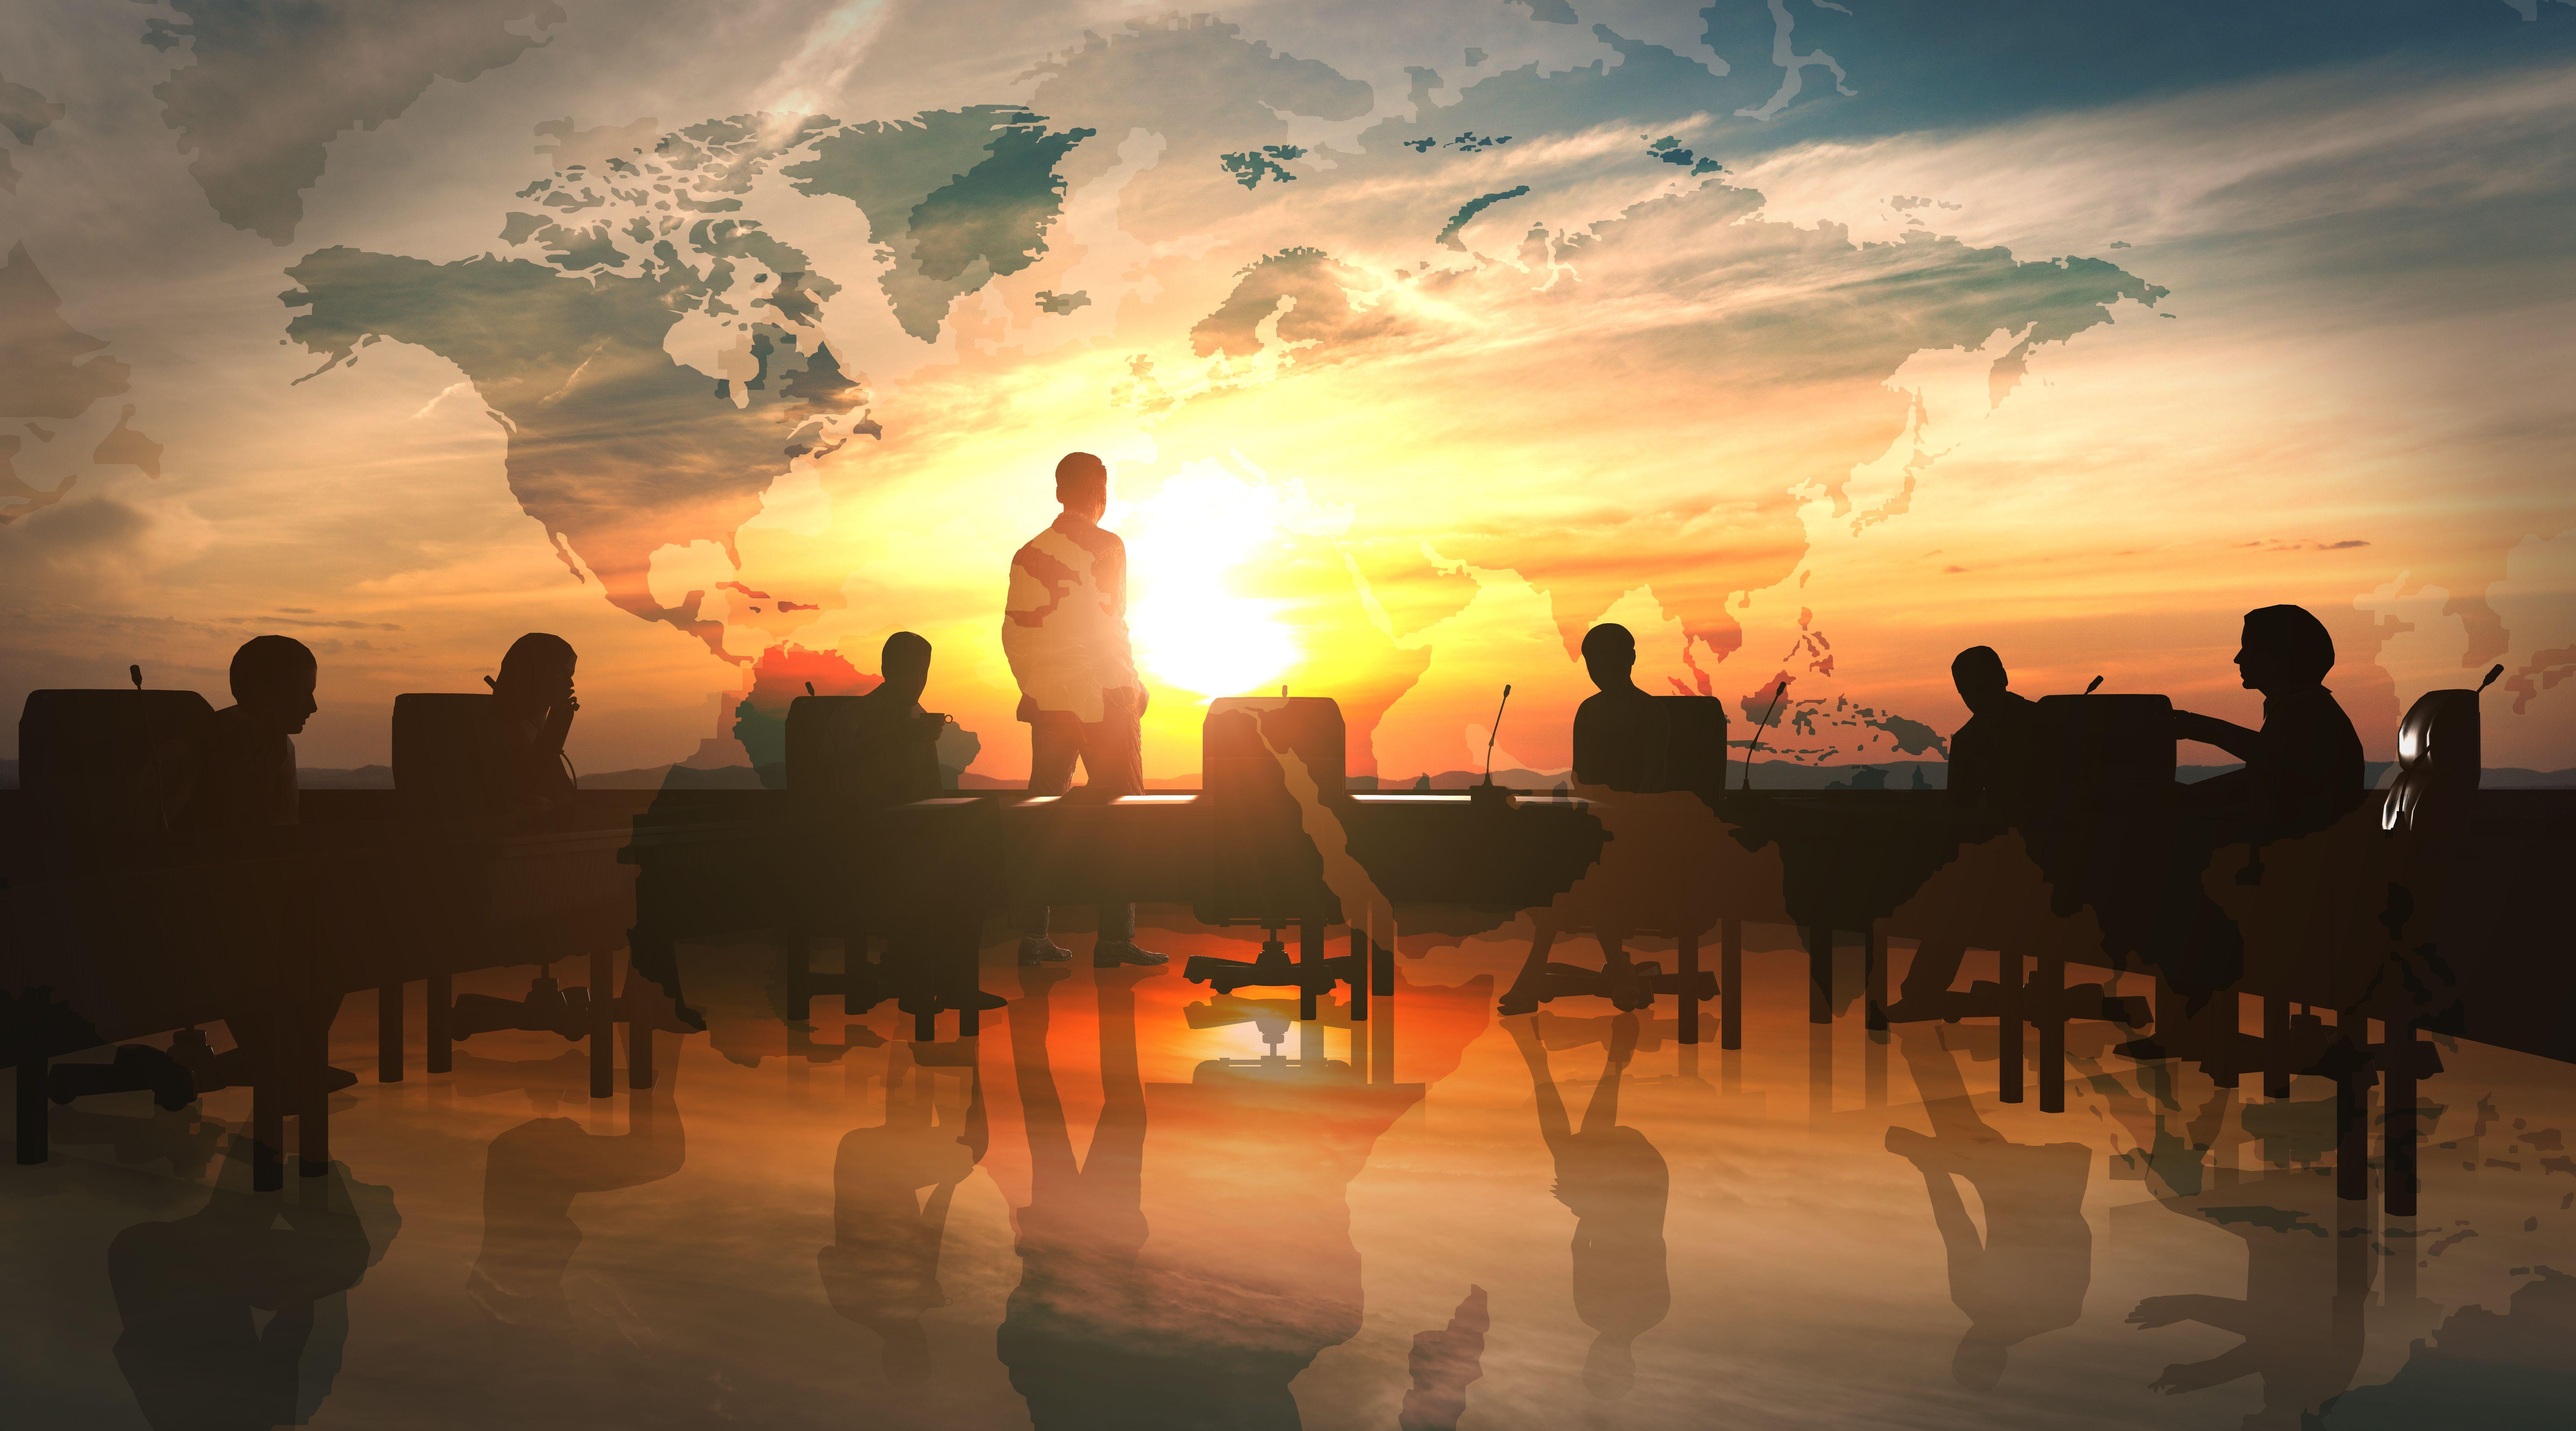 Recobro internacional: Recobro y otros servicios de Cobro y punto